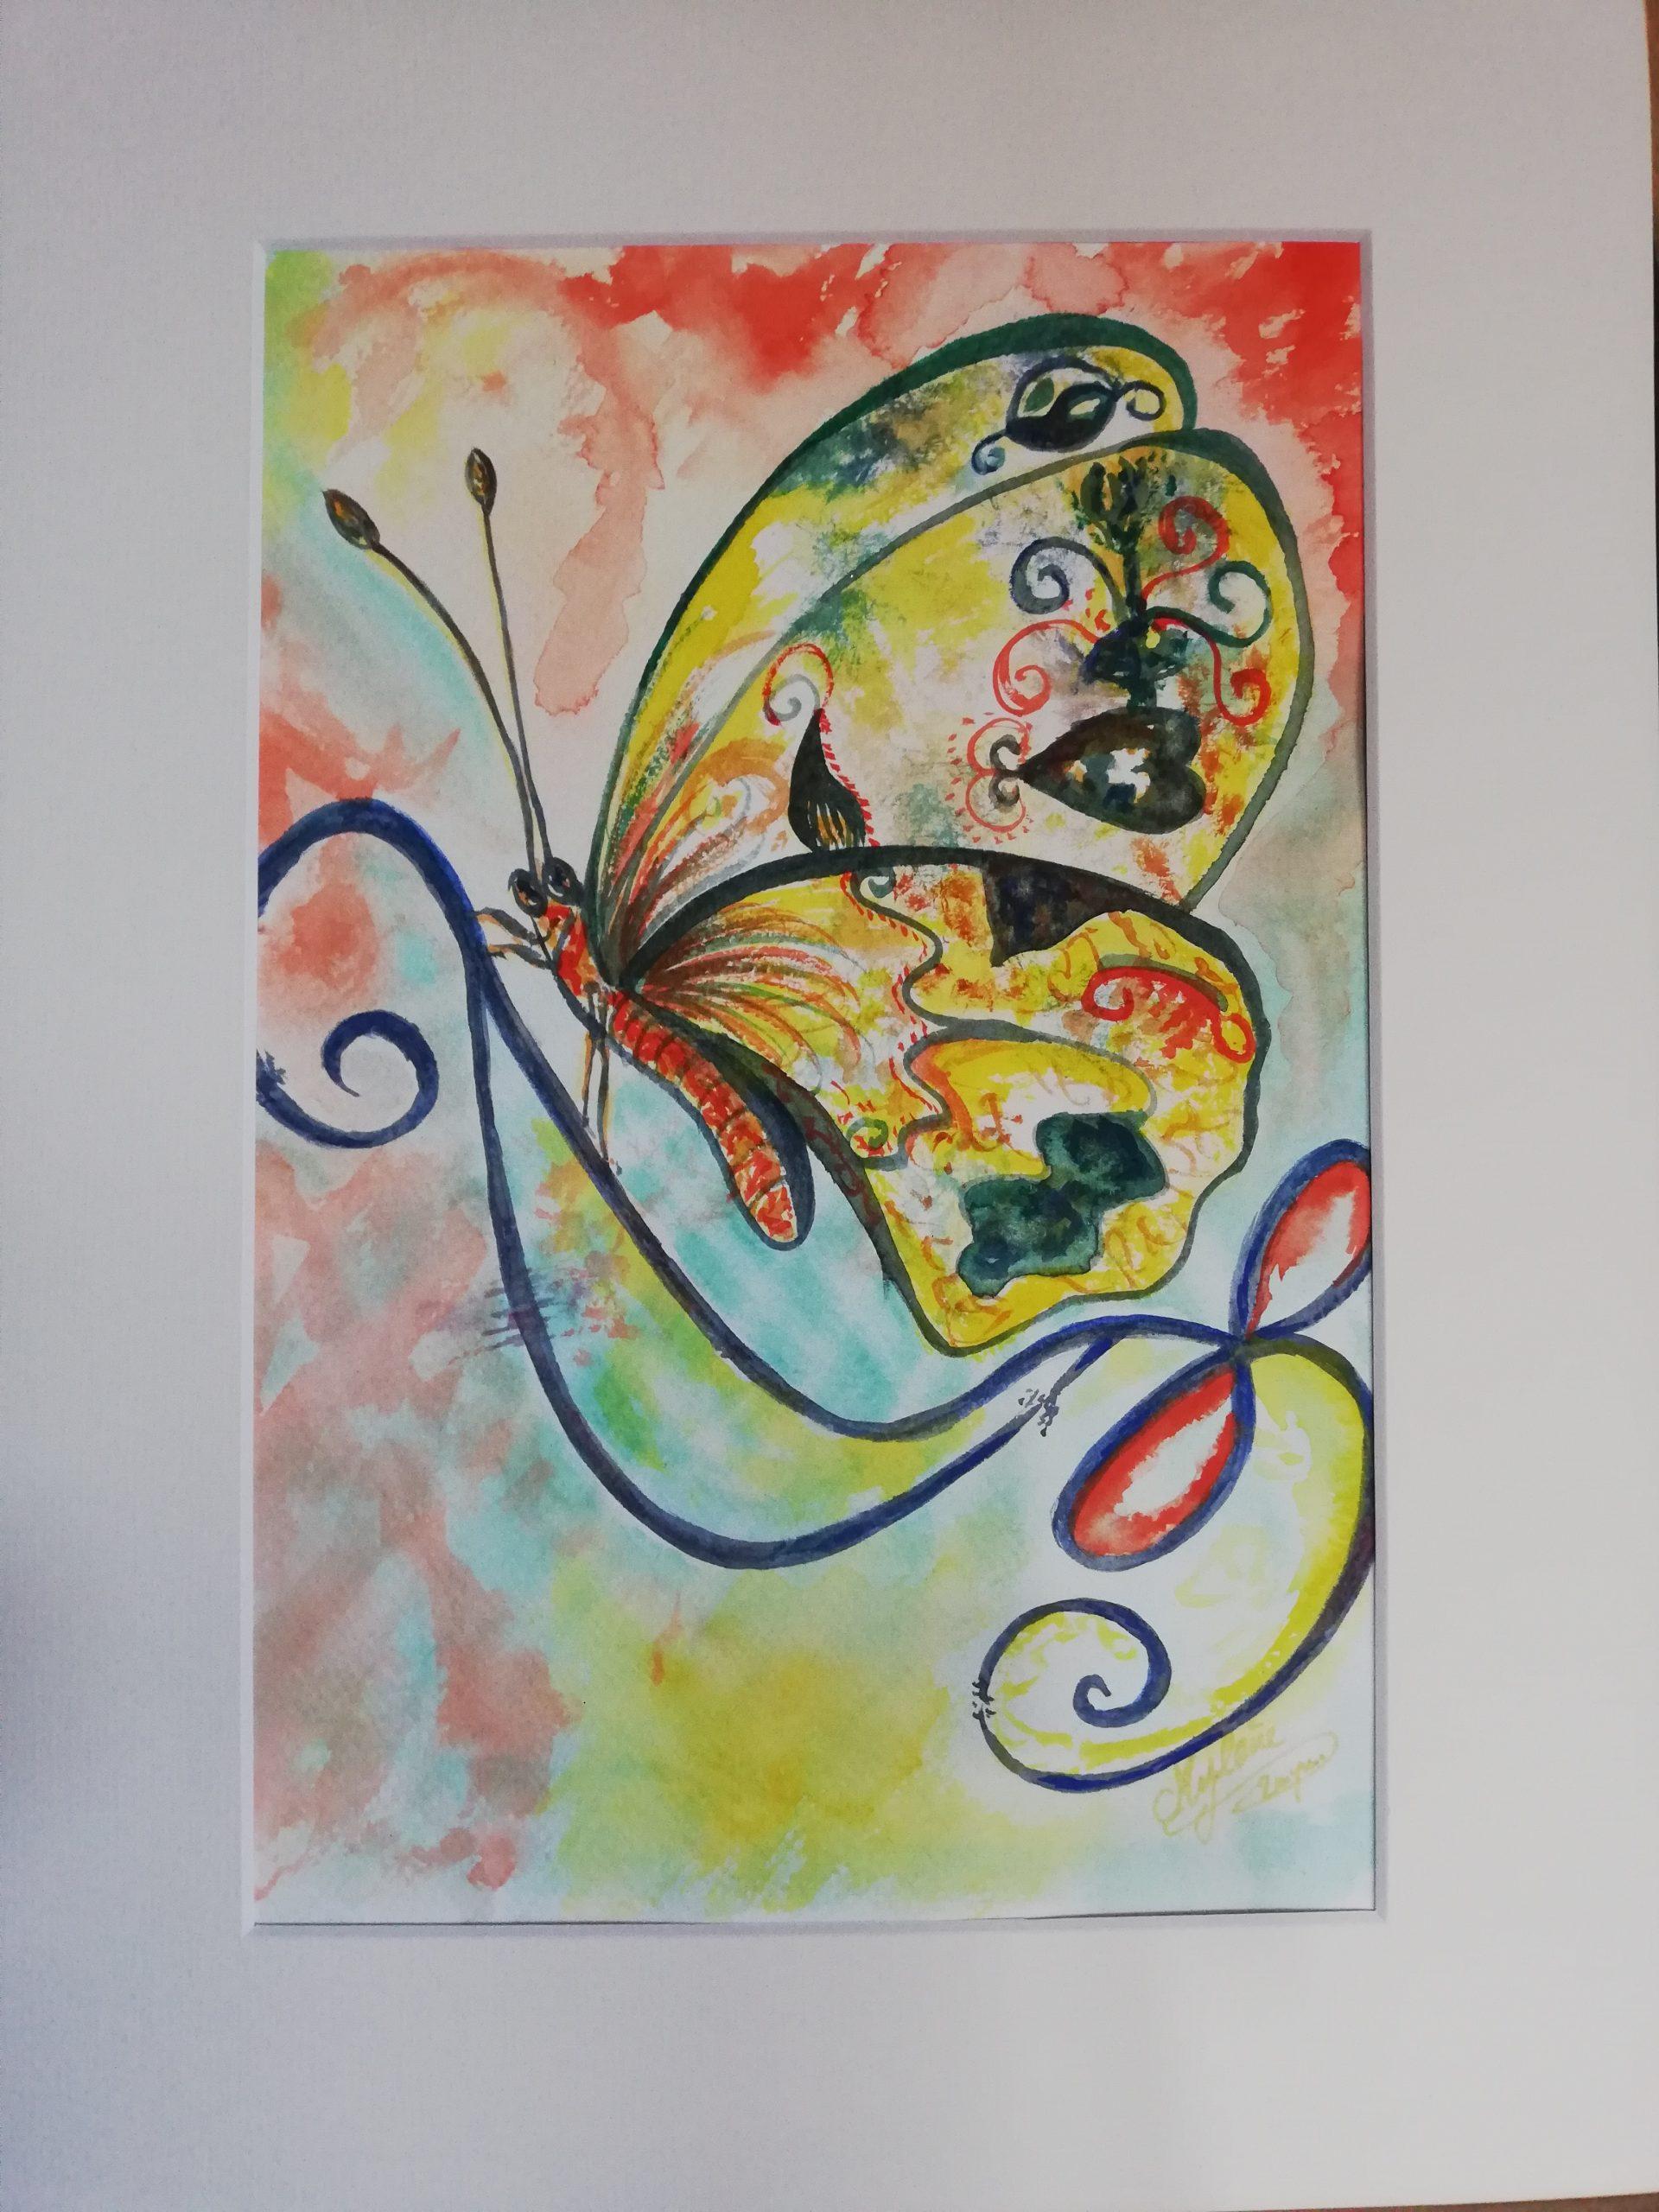 peinture, peinture énergétique, animaux, papillon, envole, transformation, amour,couleur